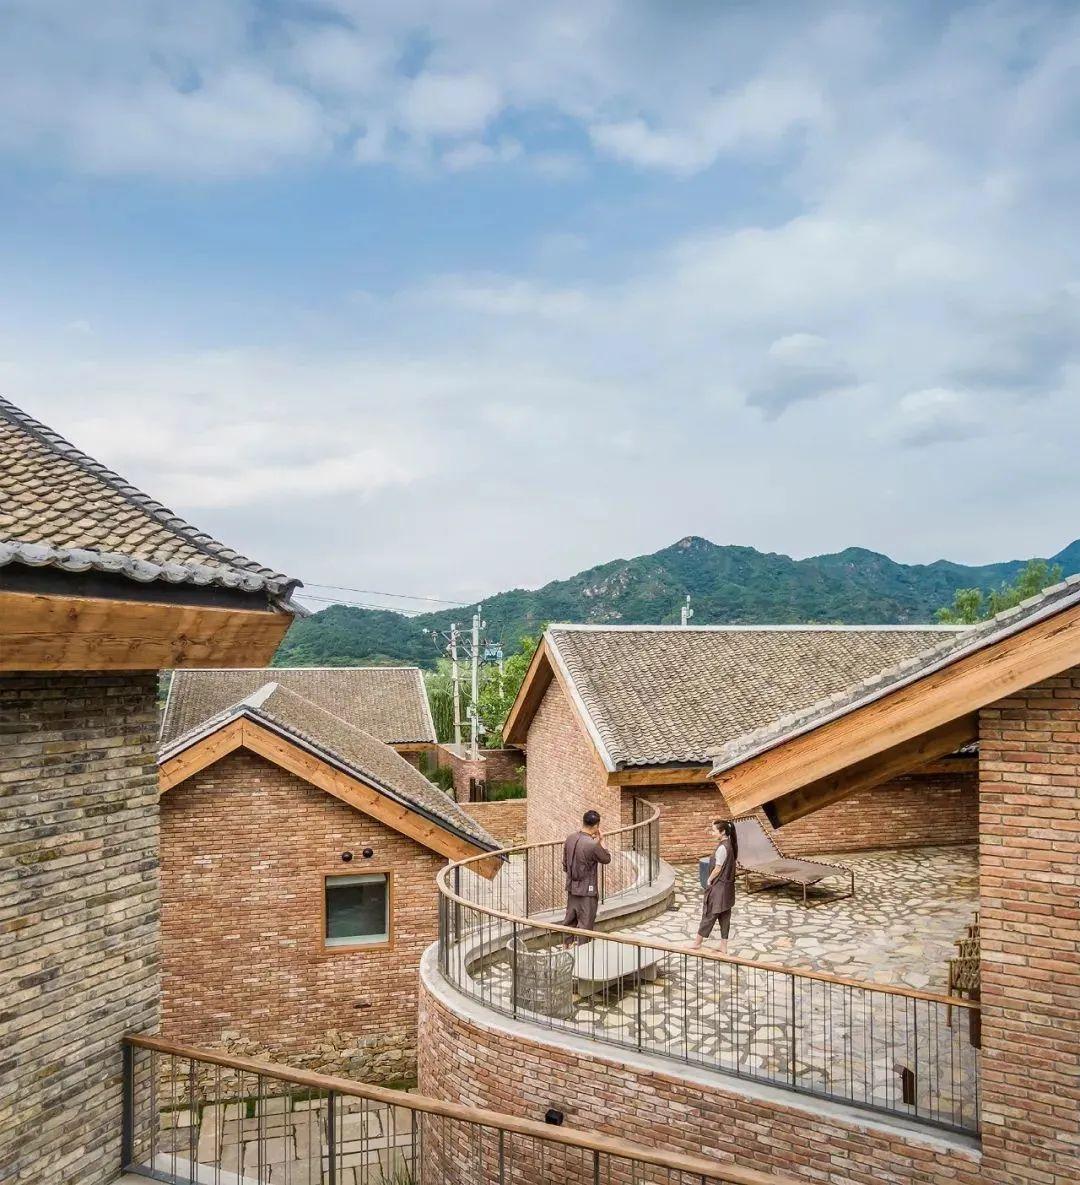 长城脚下的神秘村:邻居全部大有来头,有夫妻砸1个亿入住